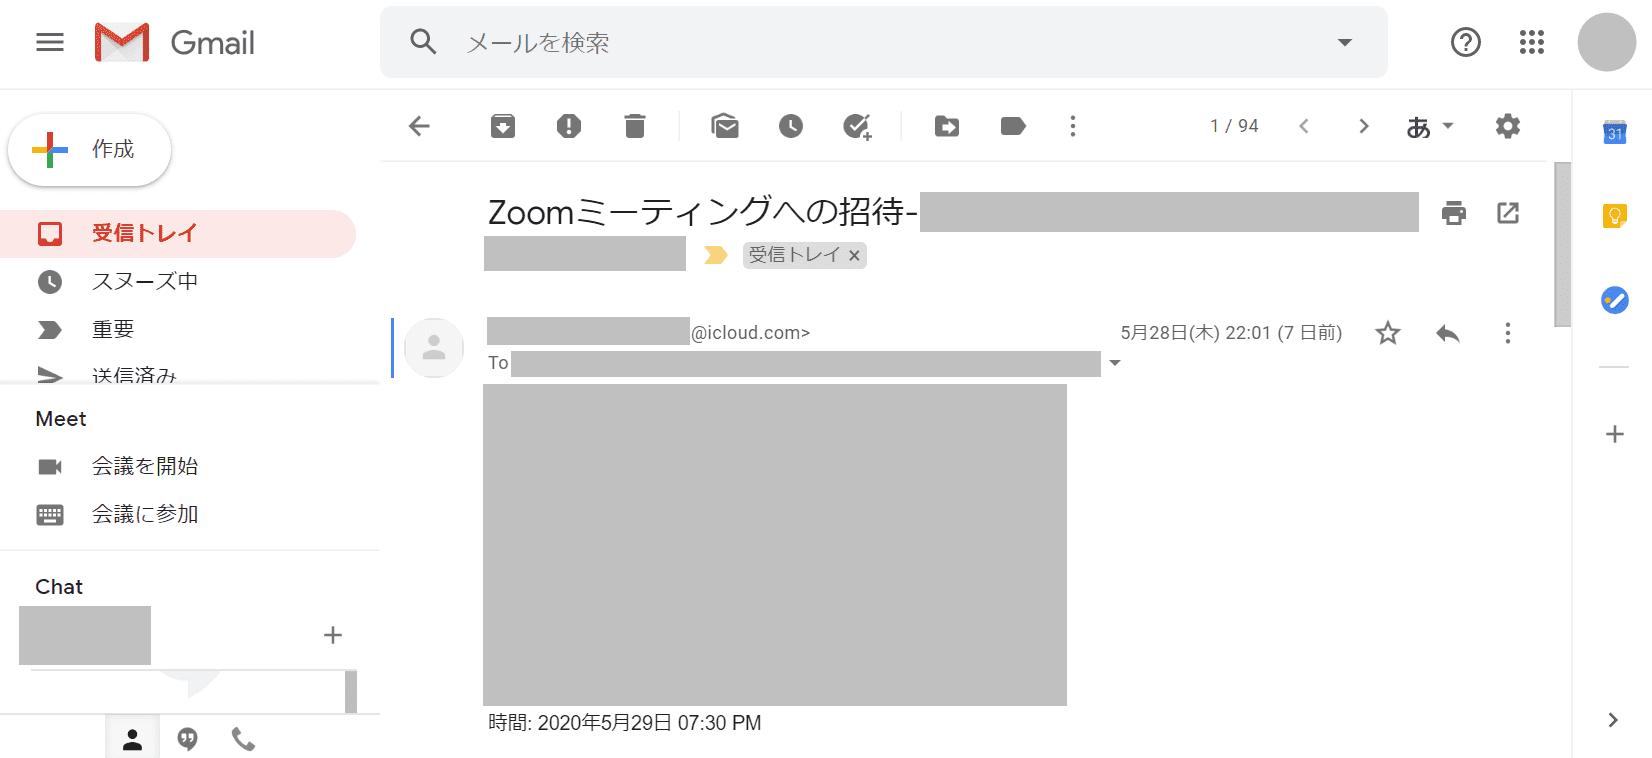 メール画面を開く